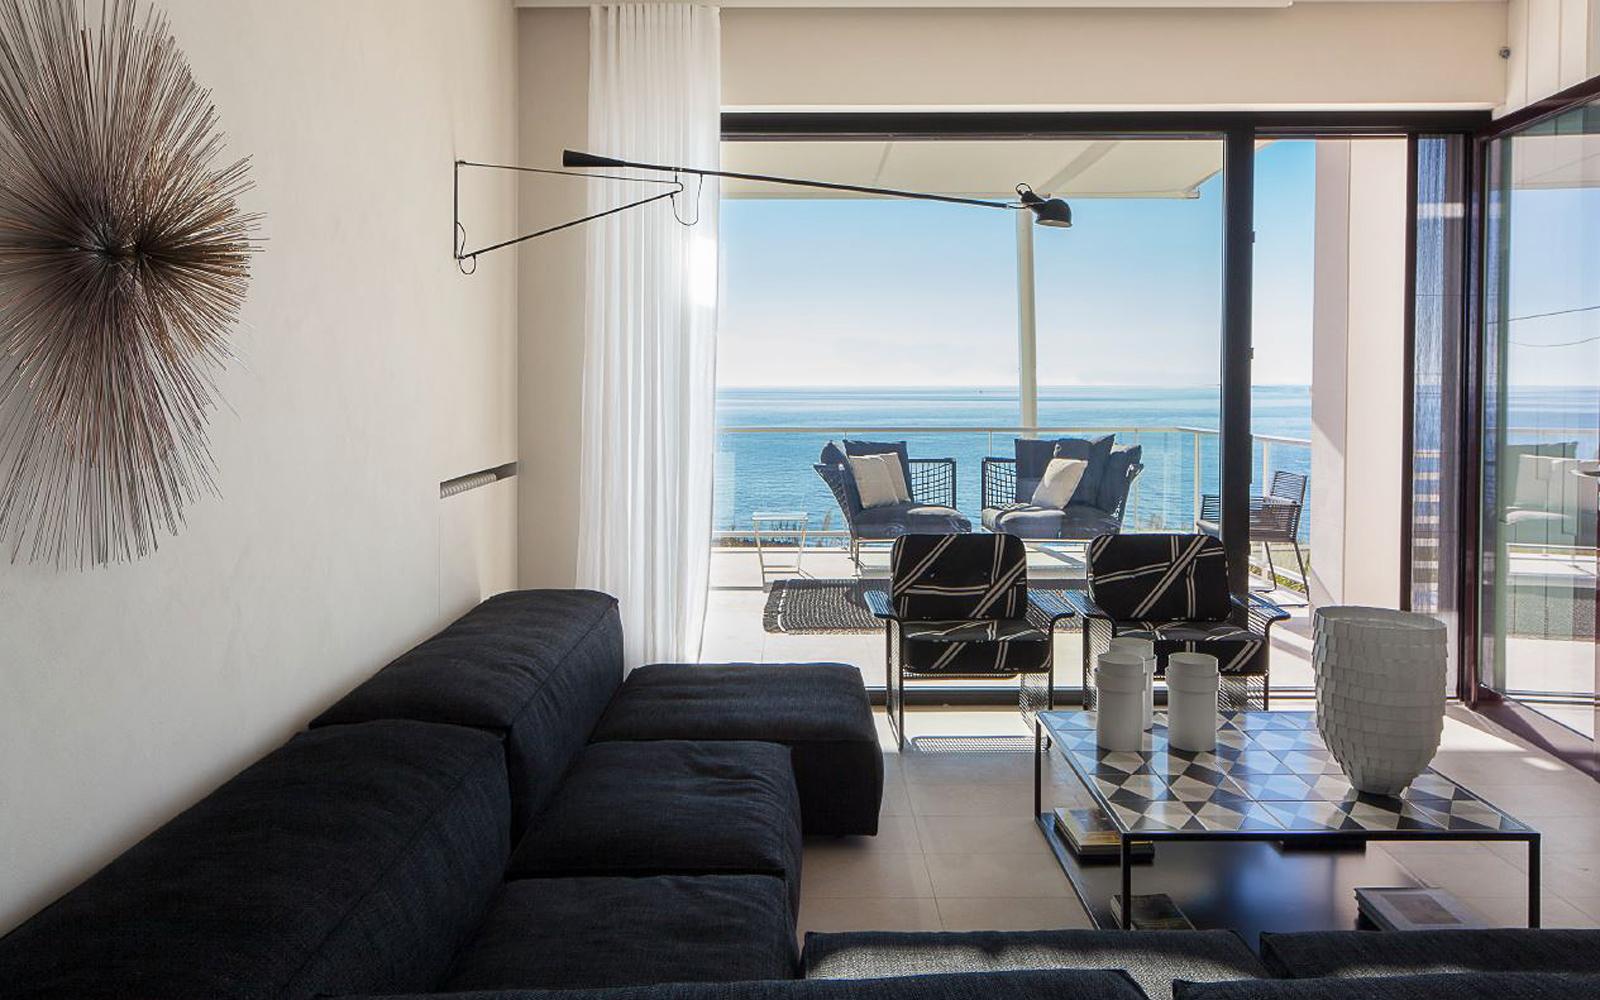 Villa interior with sea view for rent in Puglia